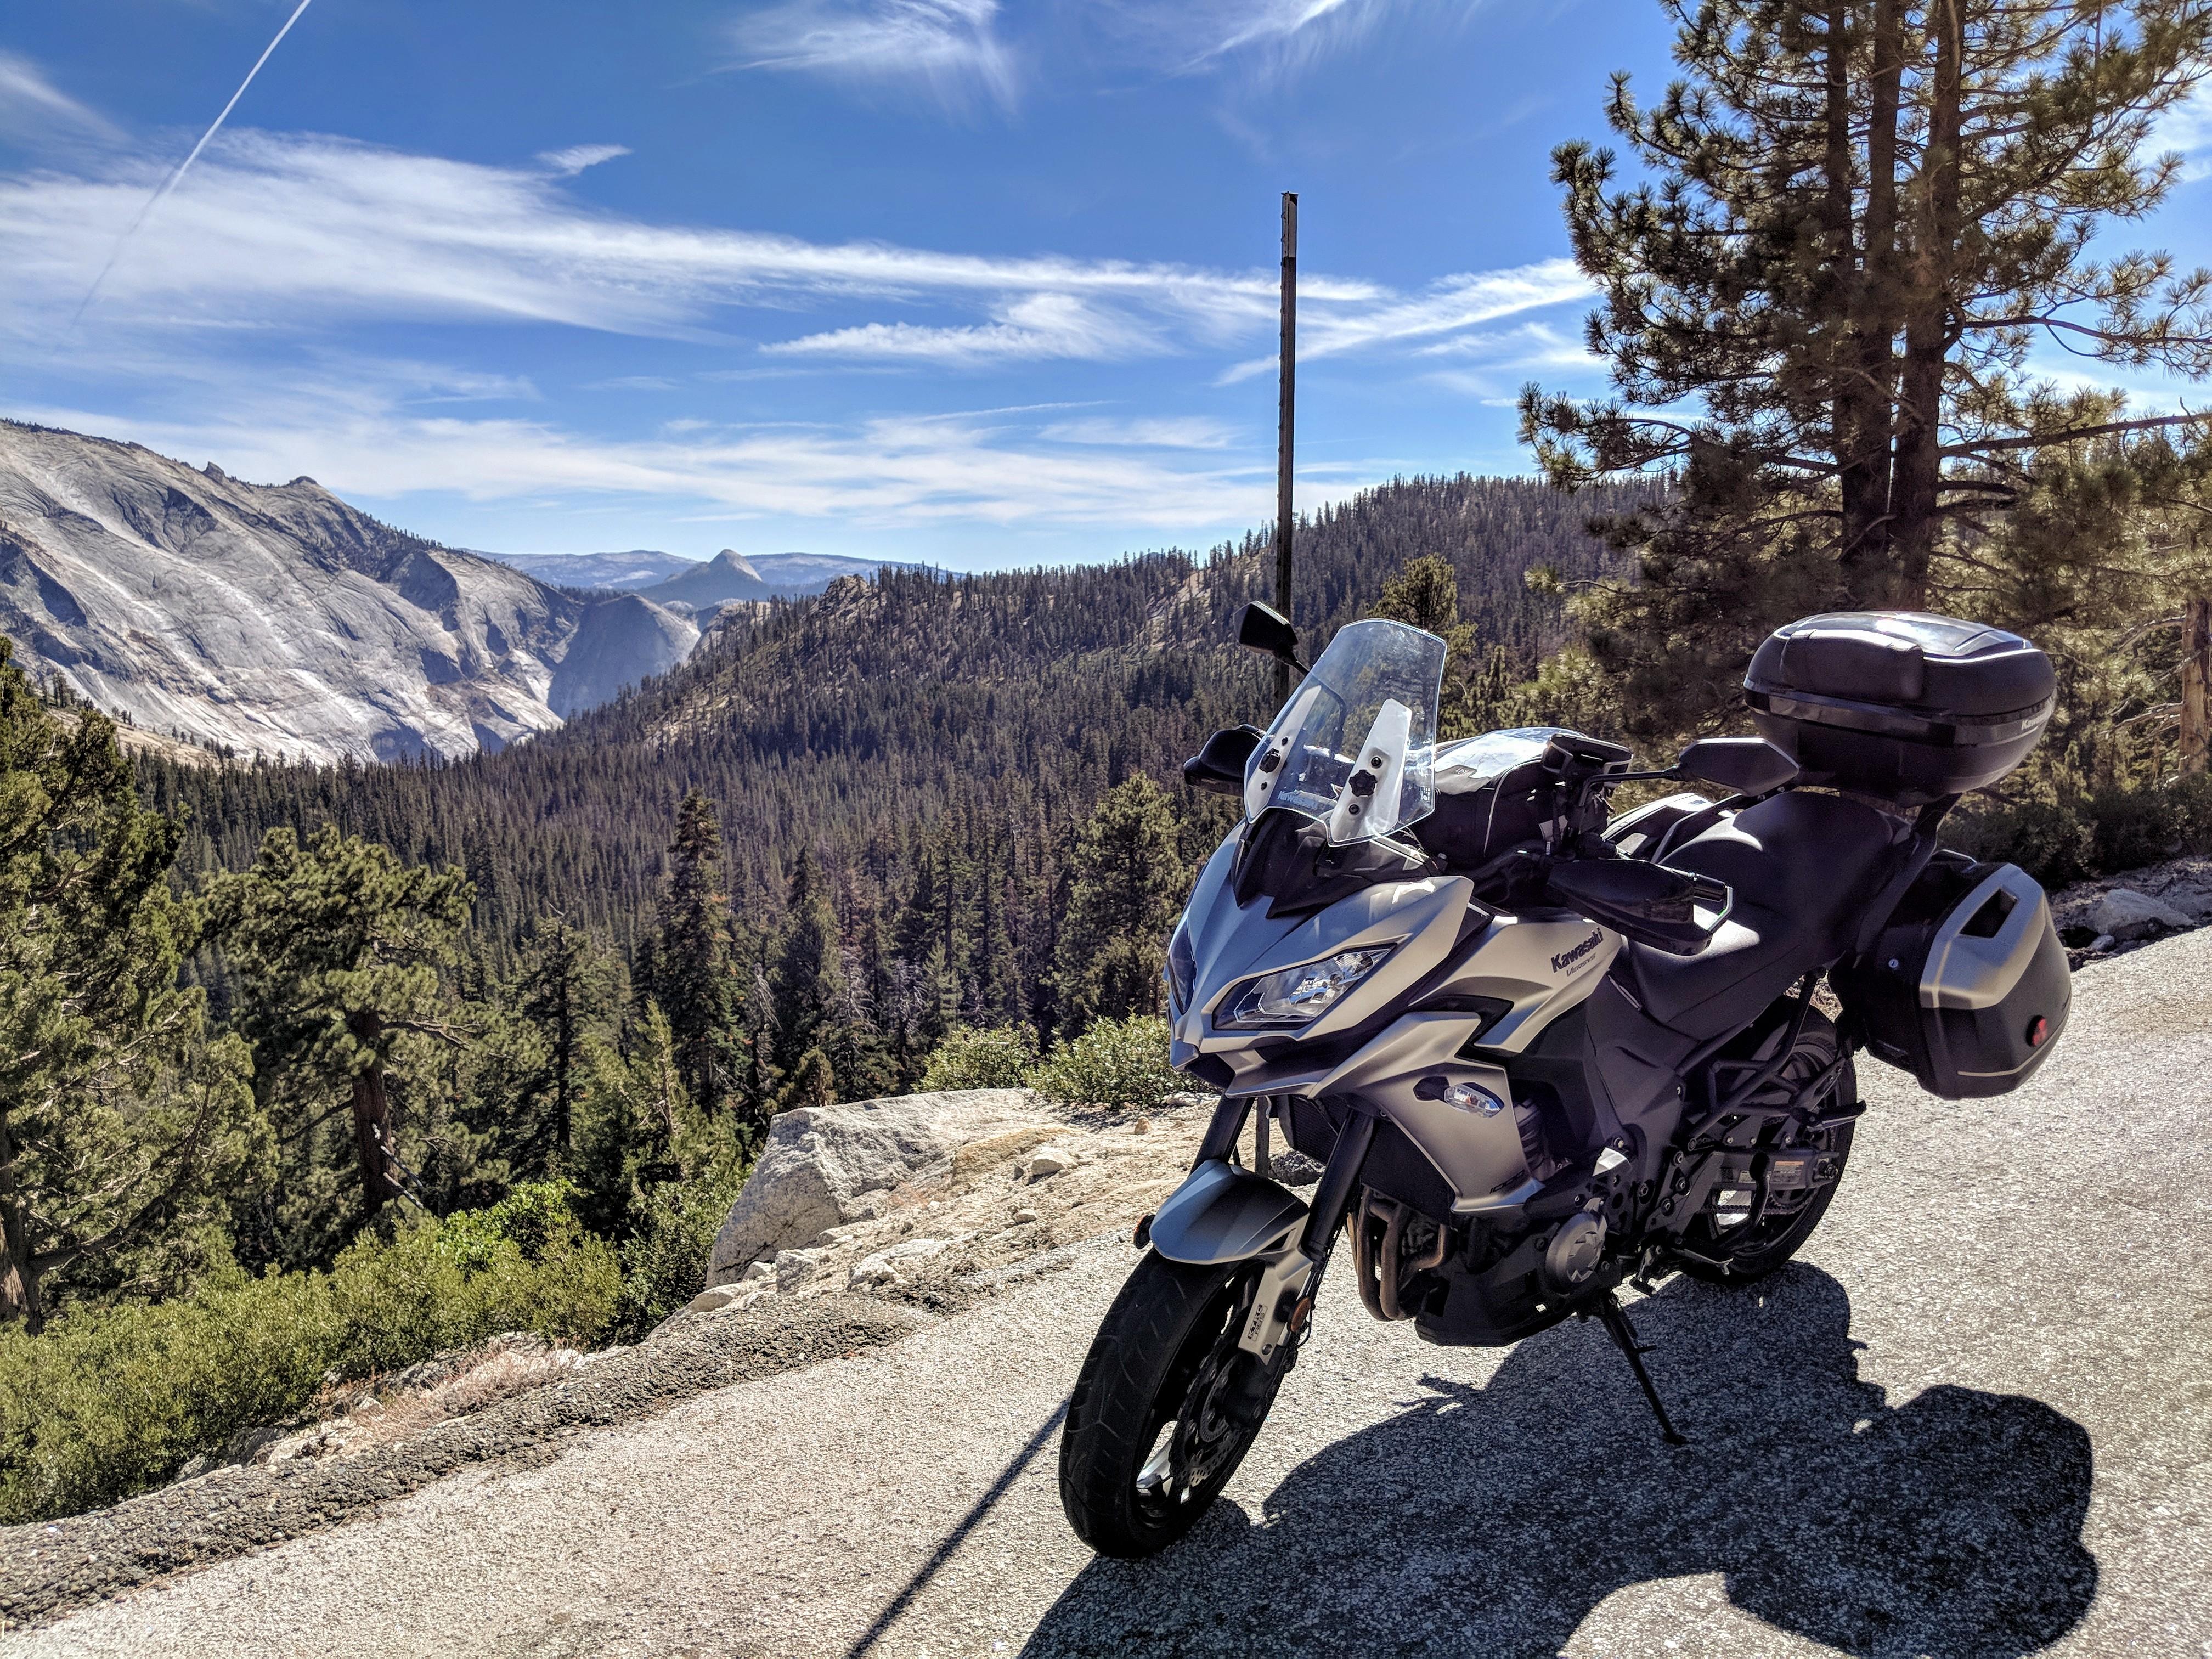 Attraverso la Sierra Nevada fino a Mono Lake in sella alla Kawasaki Versys 1000